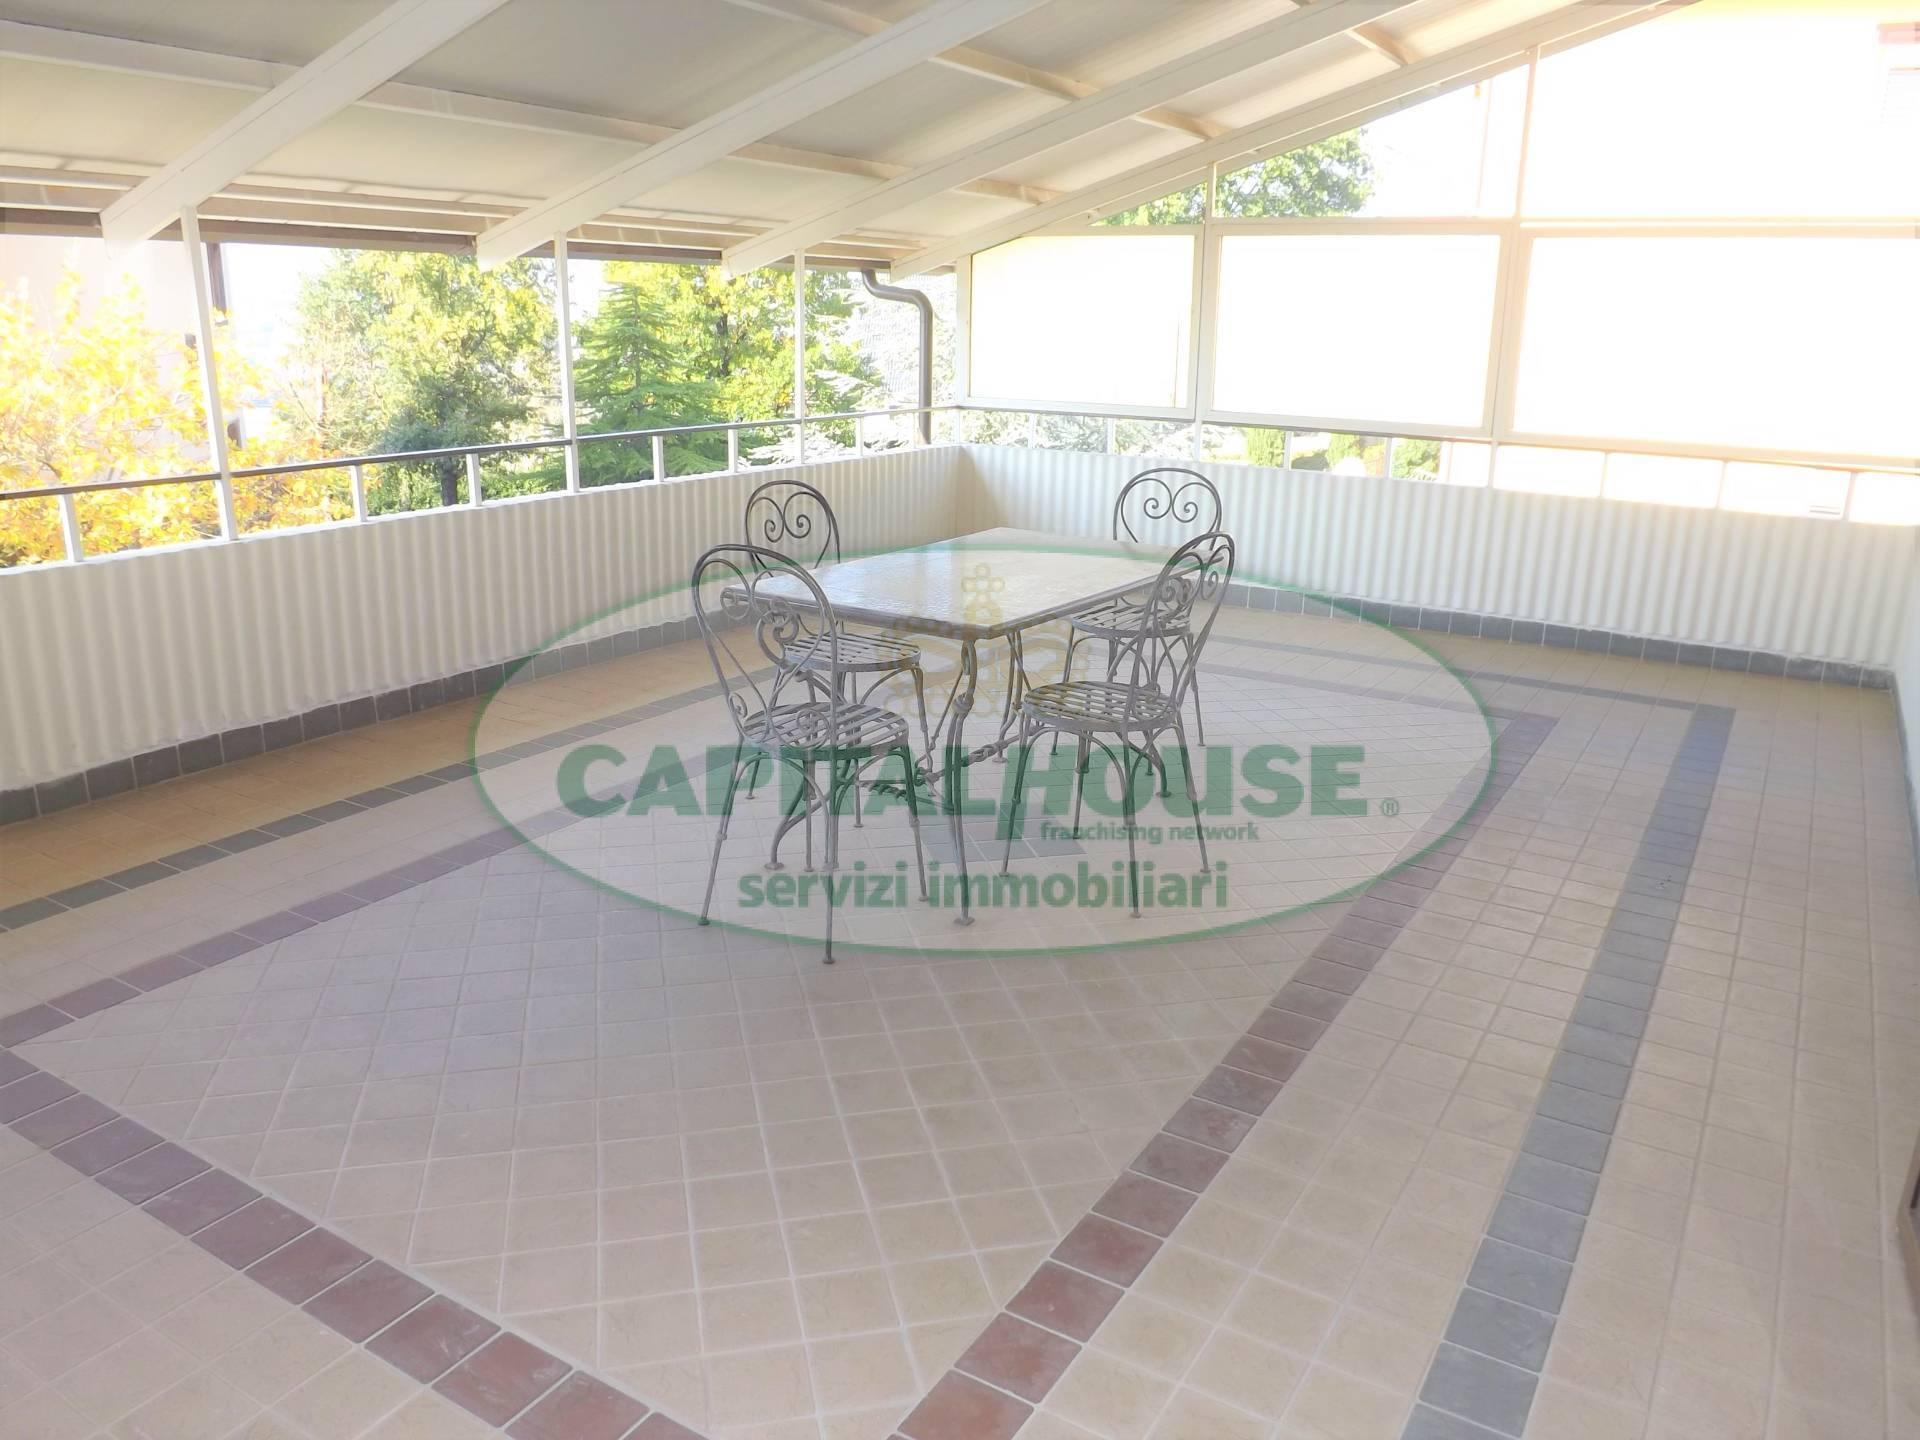 Appartamento in vendita a Manocalzati, 6 locali, prezzo € 170.000 | CambioCasa.it